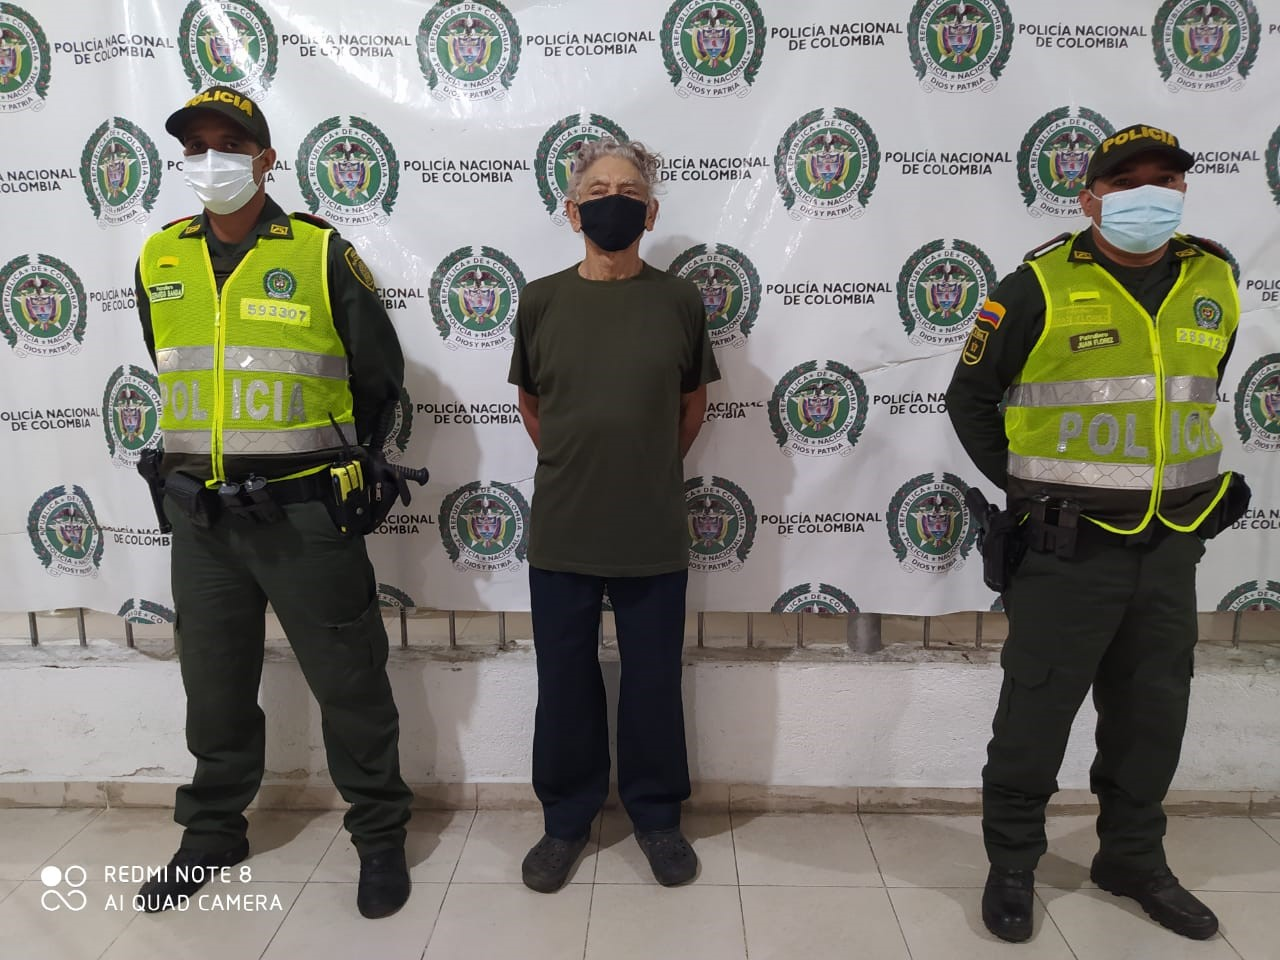 hoyennoticia.com, Jíbaro de 72 años con casa por cárcel lo pillaron violando la medida de aseguramiento